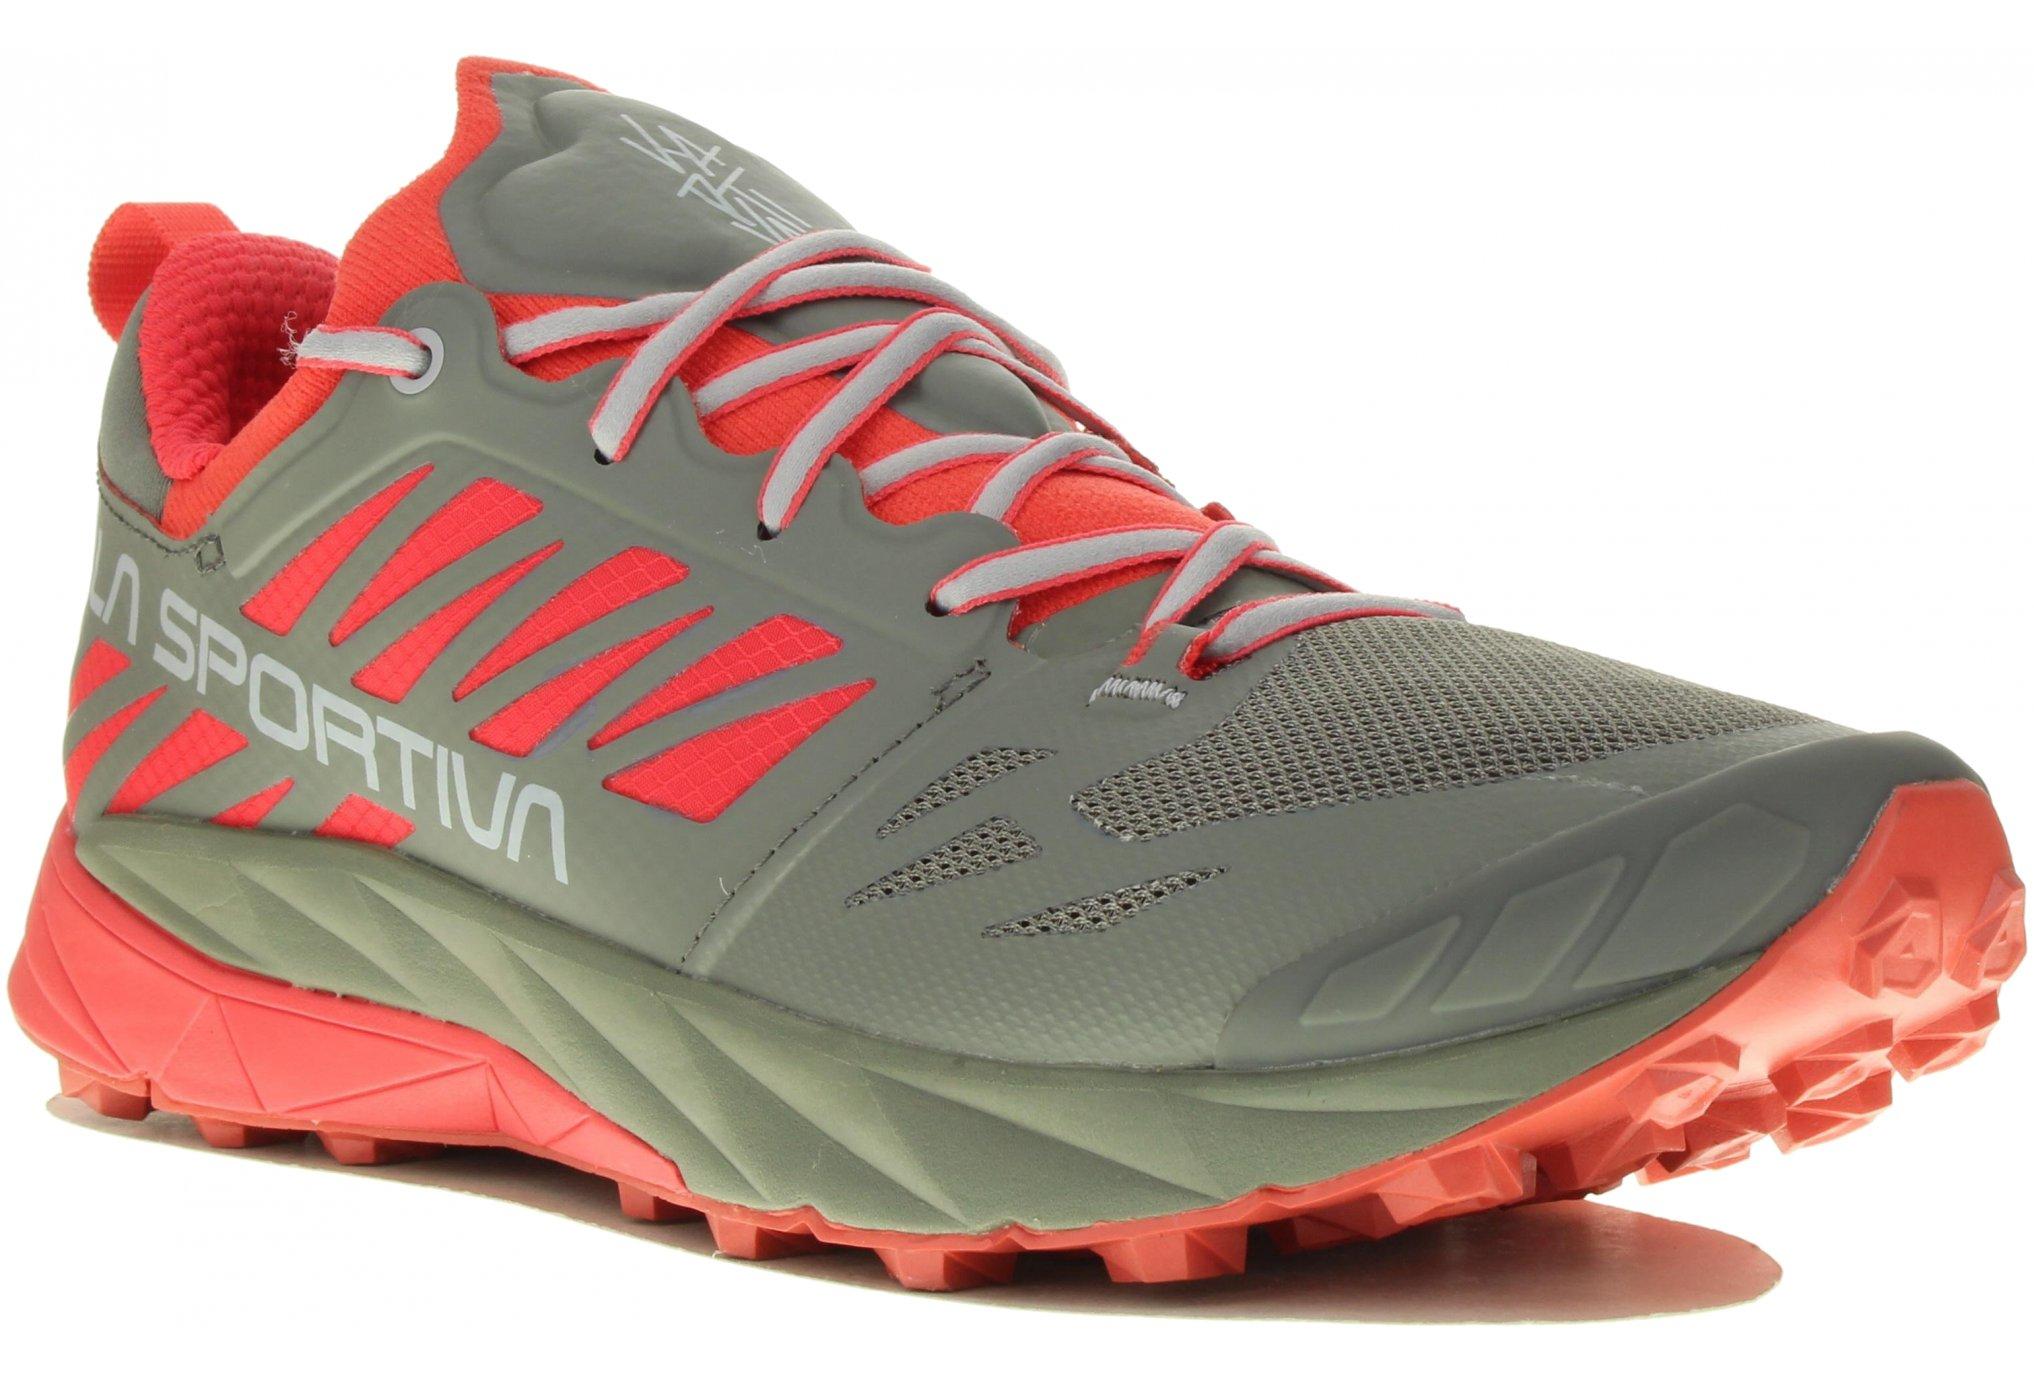 La Sportiva Kaptiva W Diététique Chaussures femme